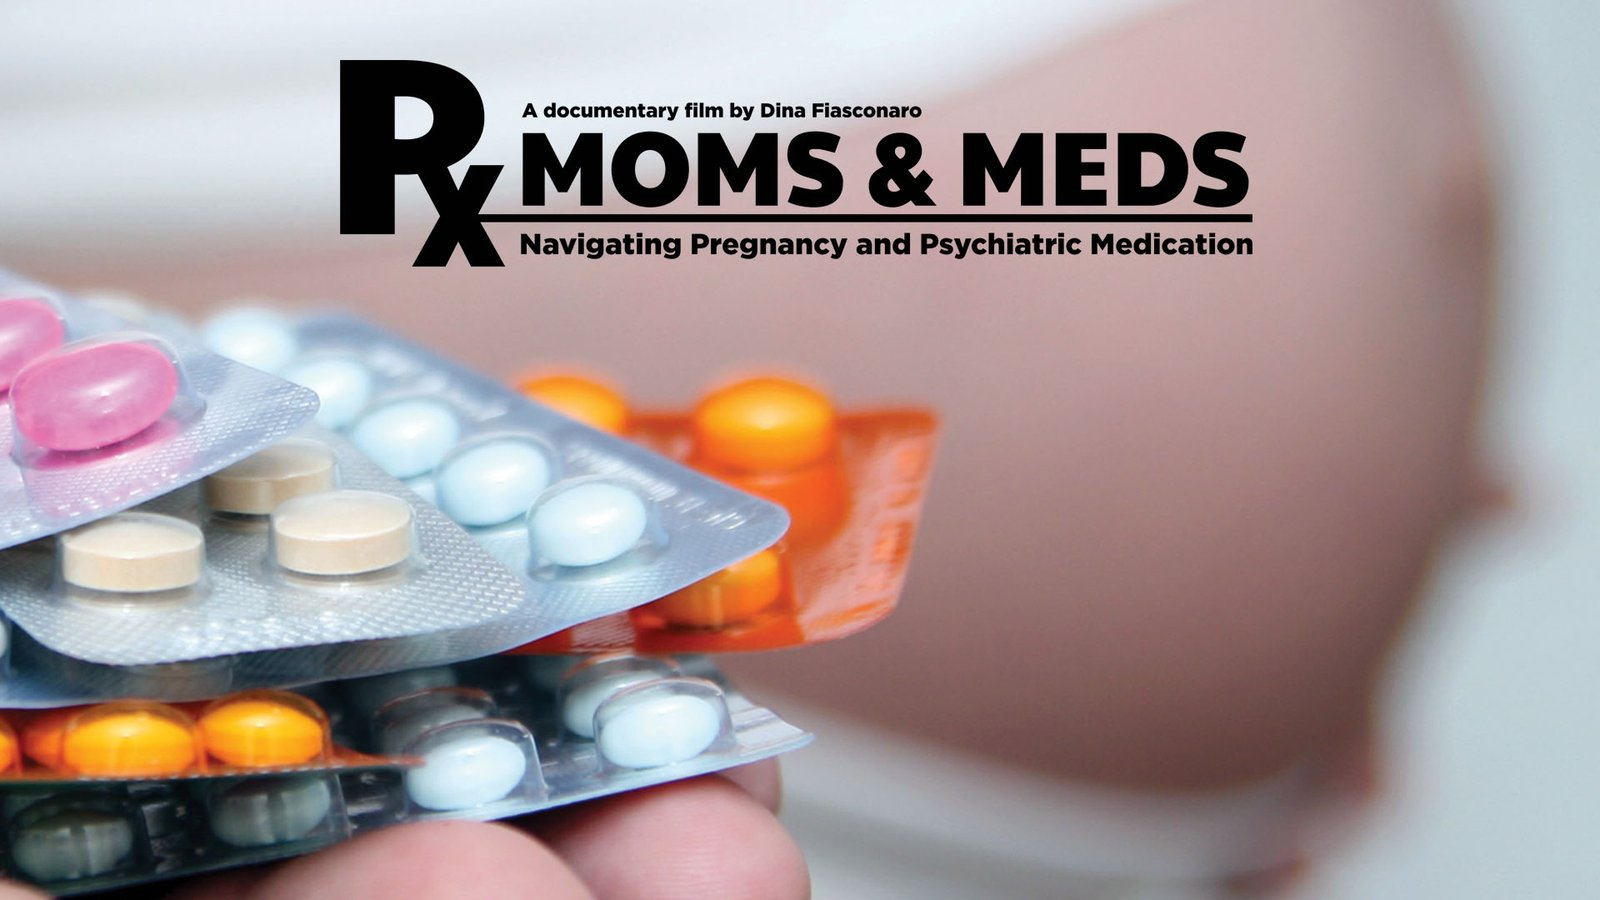 Moms & Meds: Navigating Pregnancy and Psychiatric Medication - Women and Meds